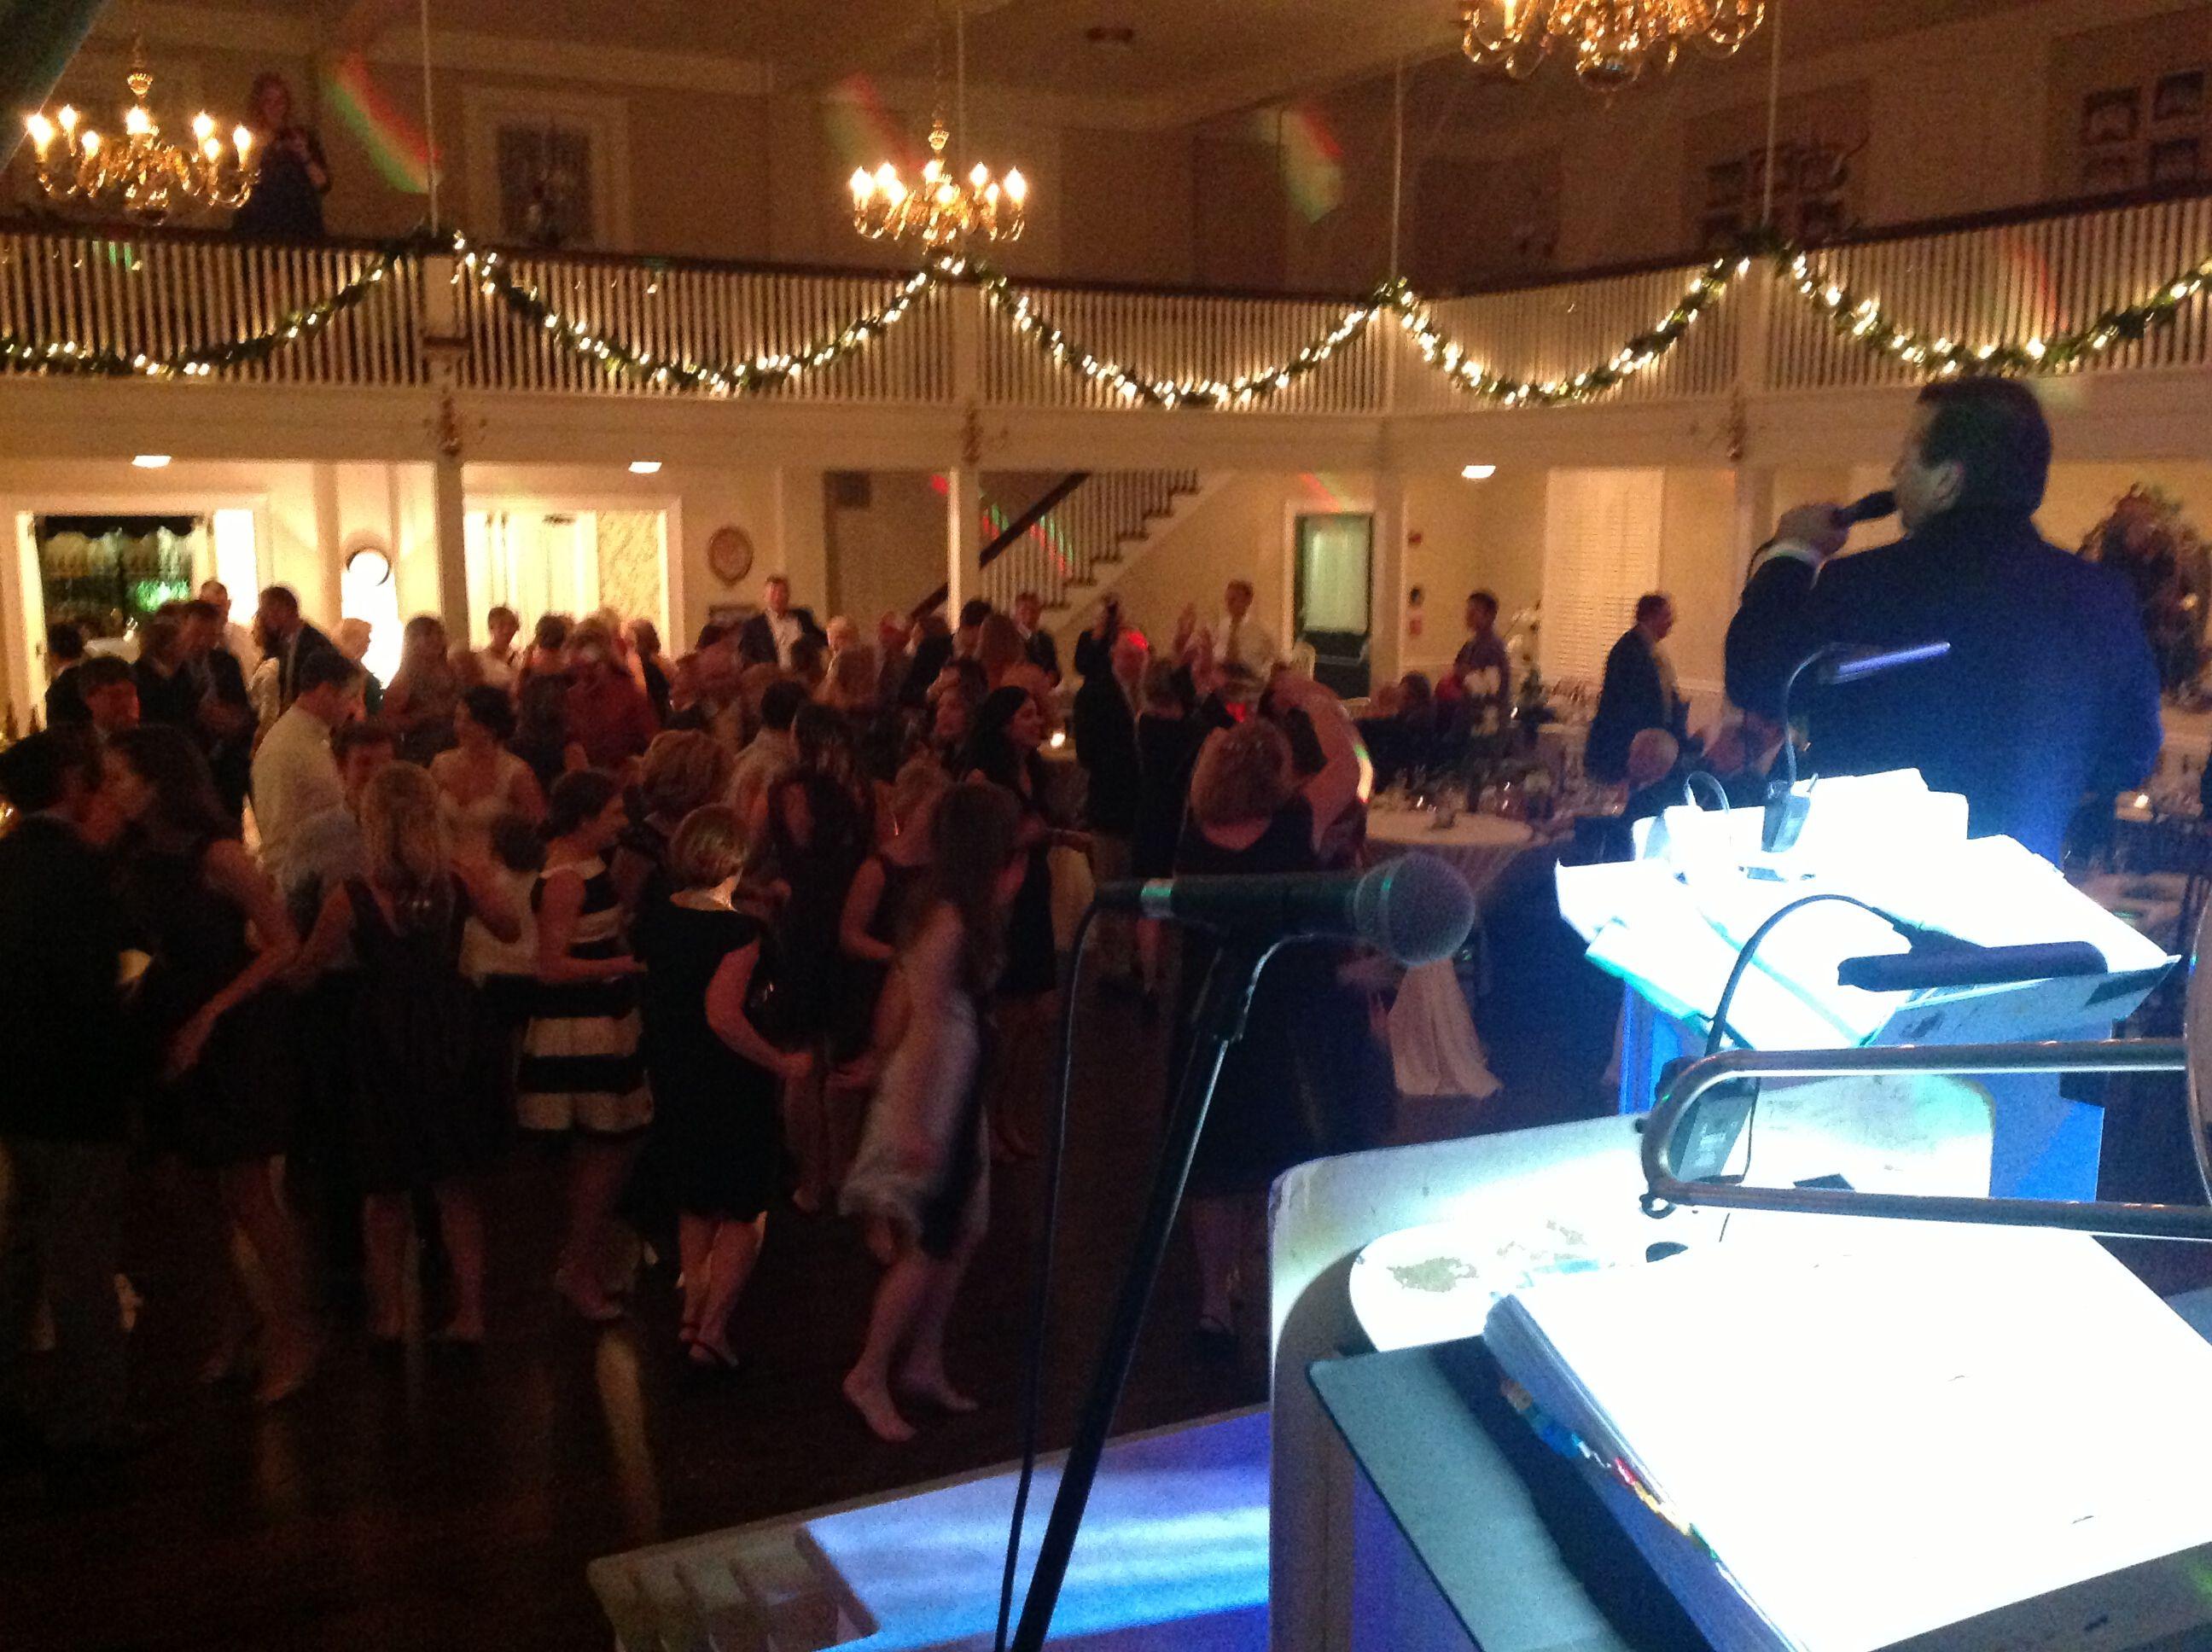 Z Street Wedding Band Performing At The Rosalind Club Orlando Fl Www Zstreetweddingband Com Wedding Bands Orlando Wedding